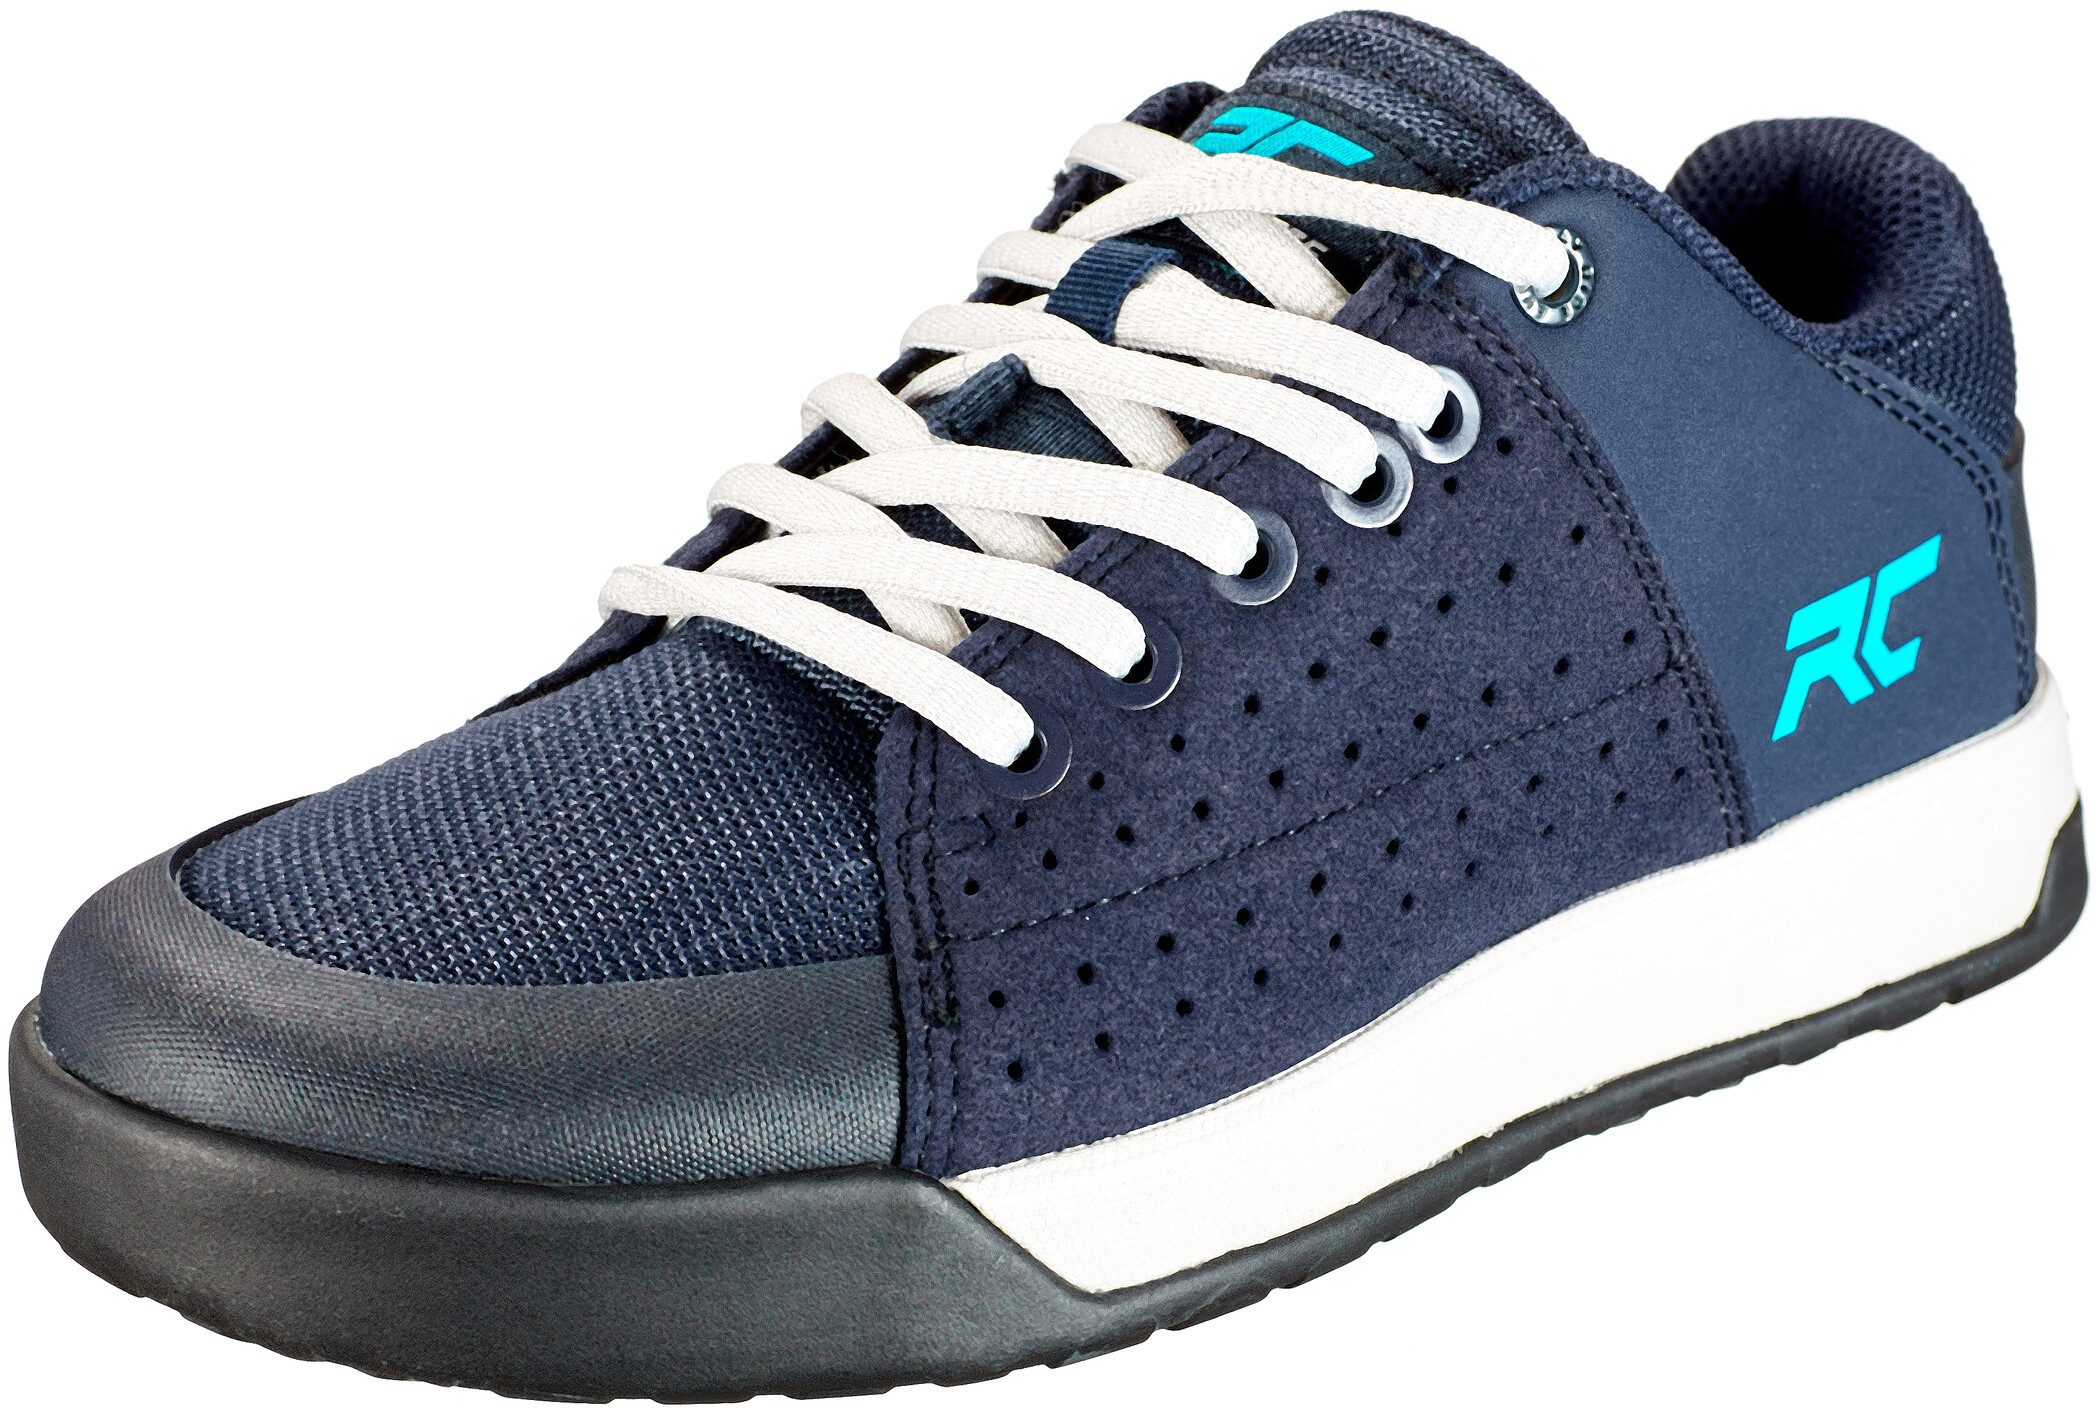 BMX Schuhe und Dirt Bike Schuhe für Damen & Herren